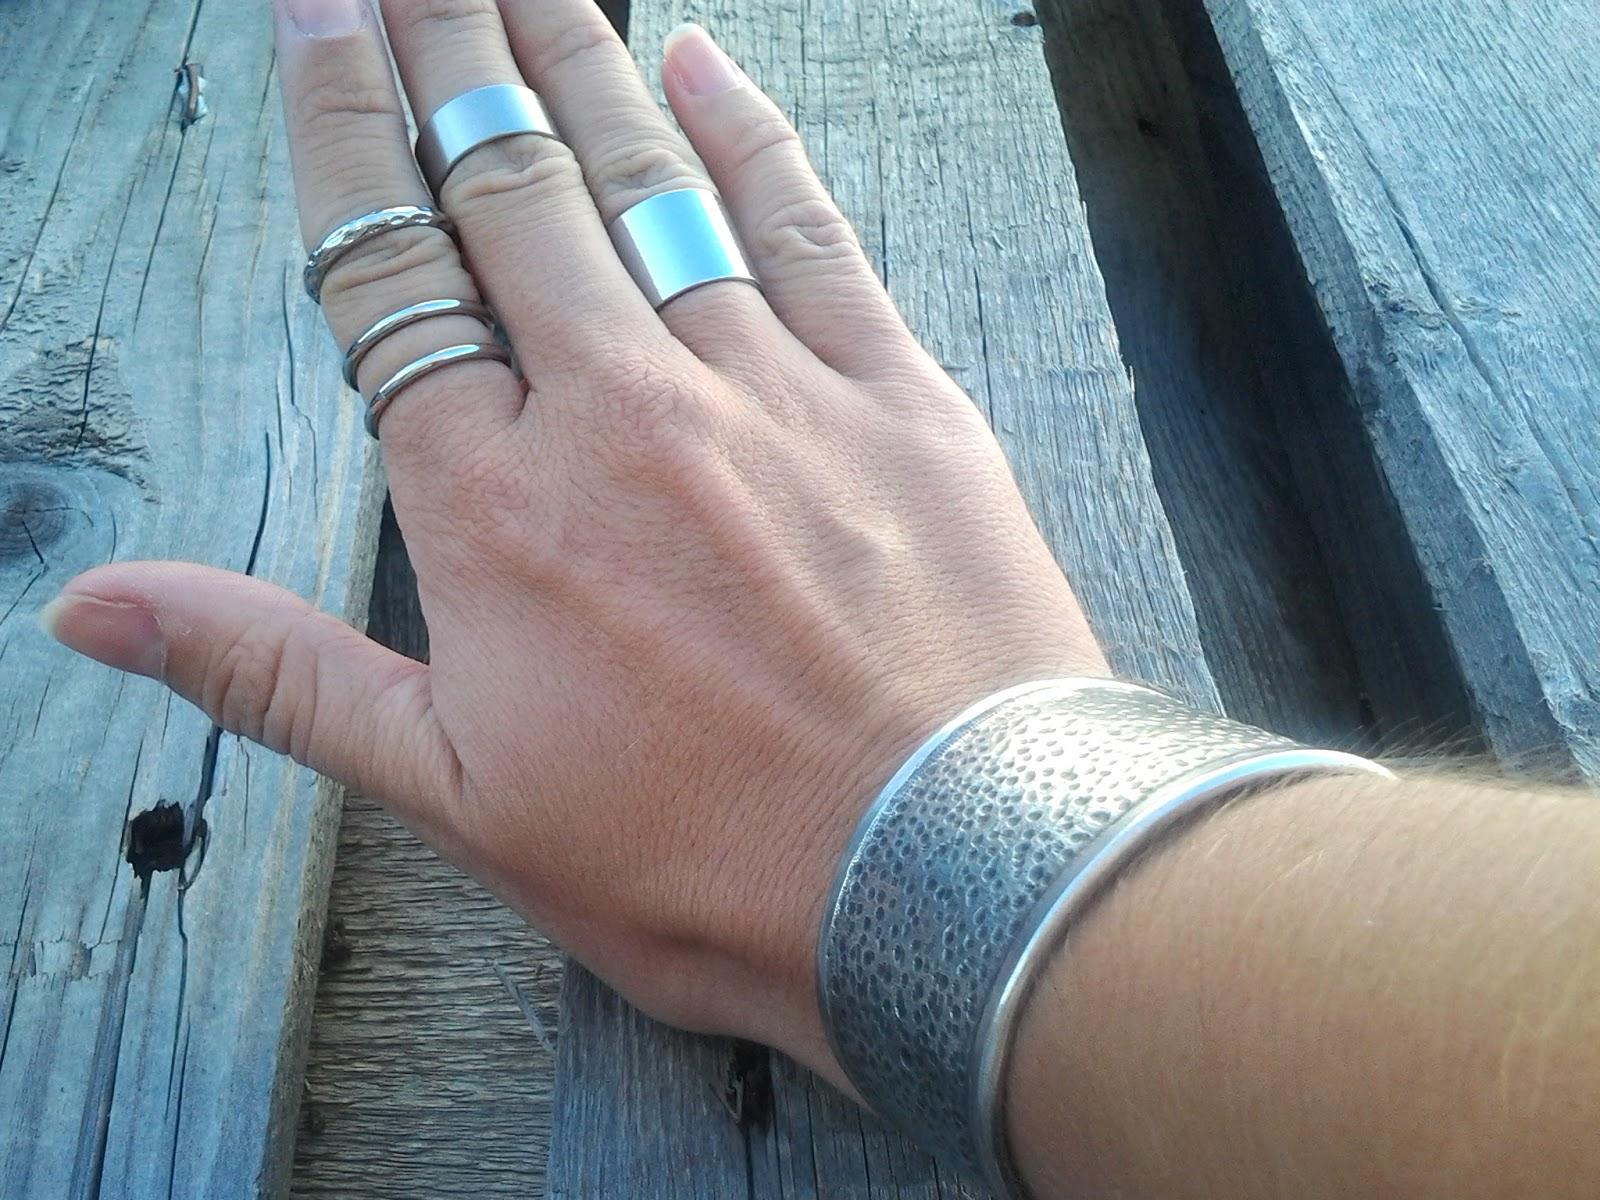 La nouvelle tendance mode, les néo bijoux envahissent le corps et les vêtements2